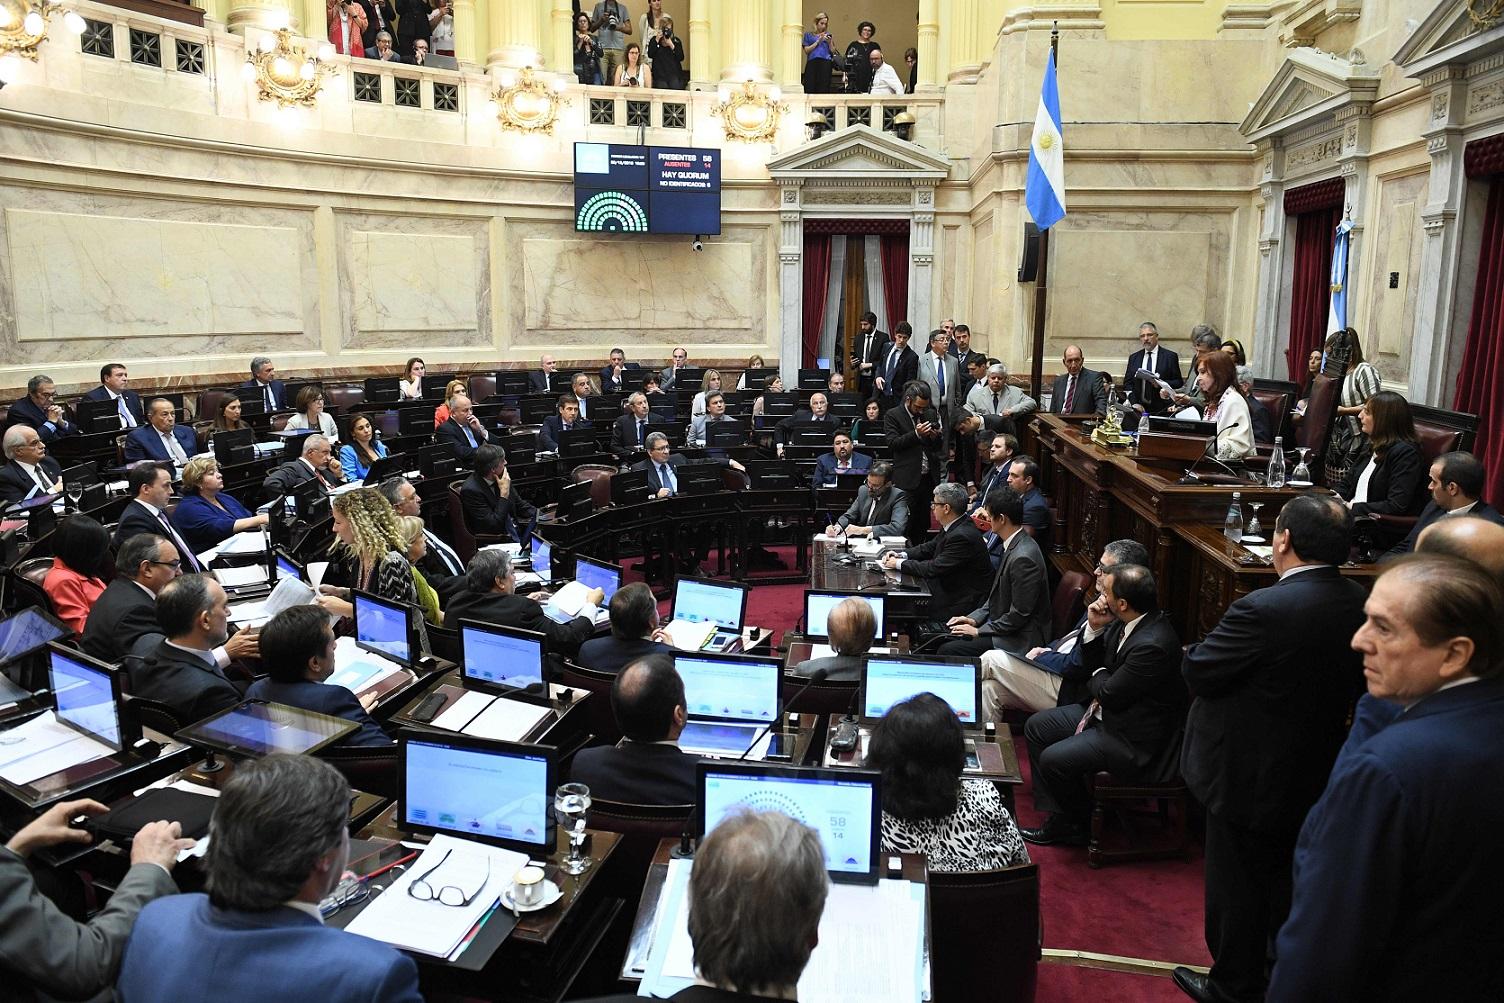 Senado: JxC propuso suspender por 180 días los aumentos de las dietas